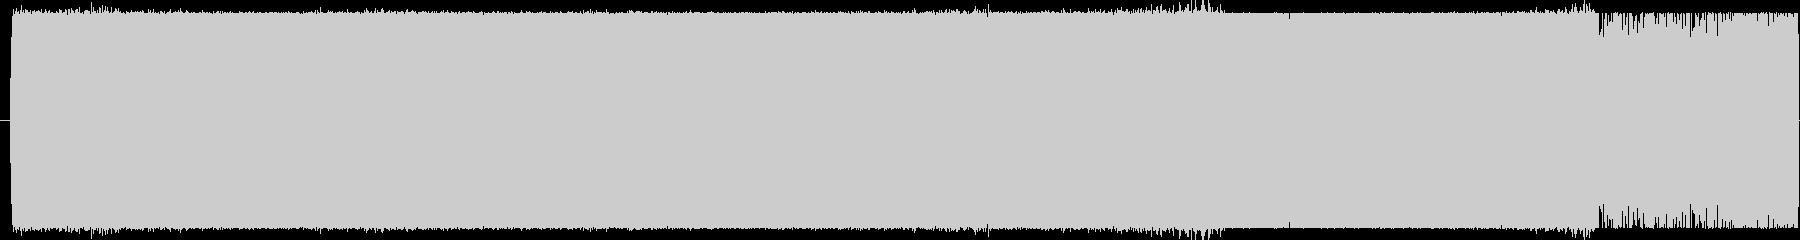 上昇 ロングカミソリラジオライズ02の未再生の波形